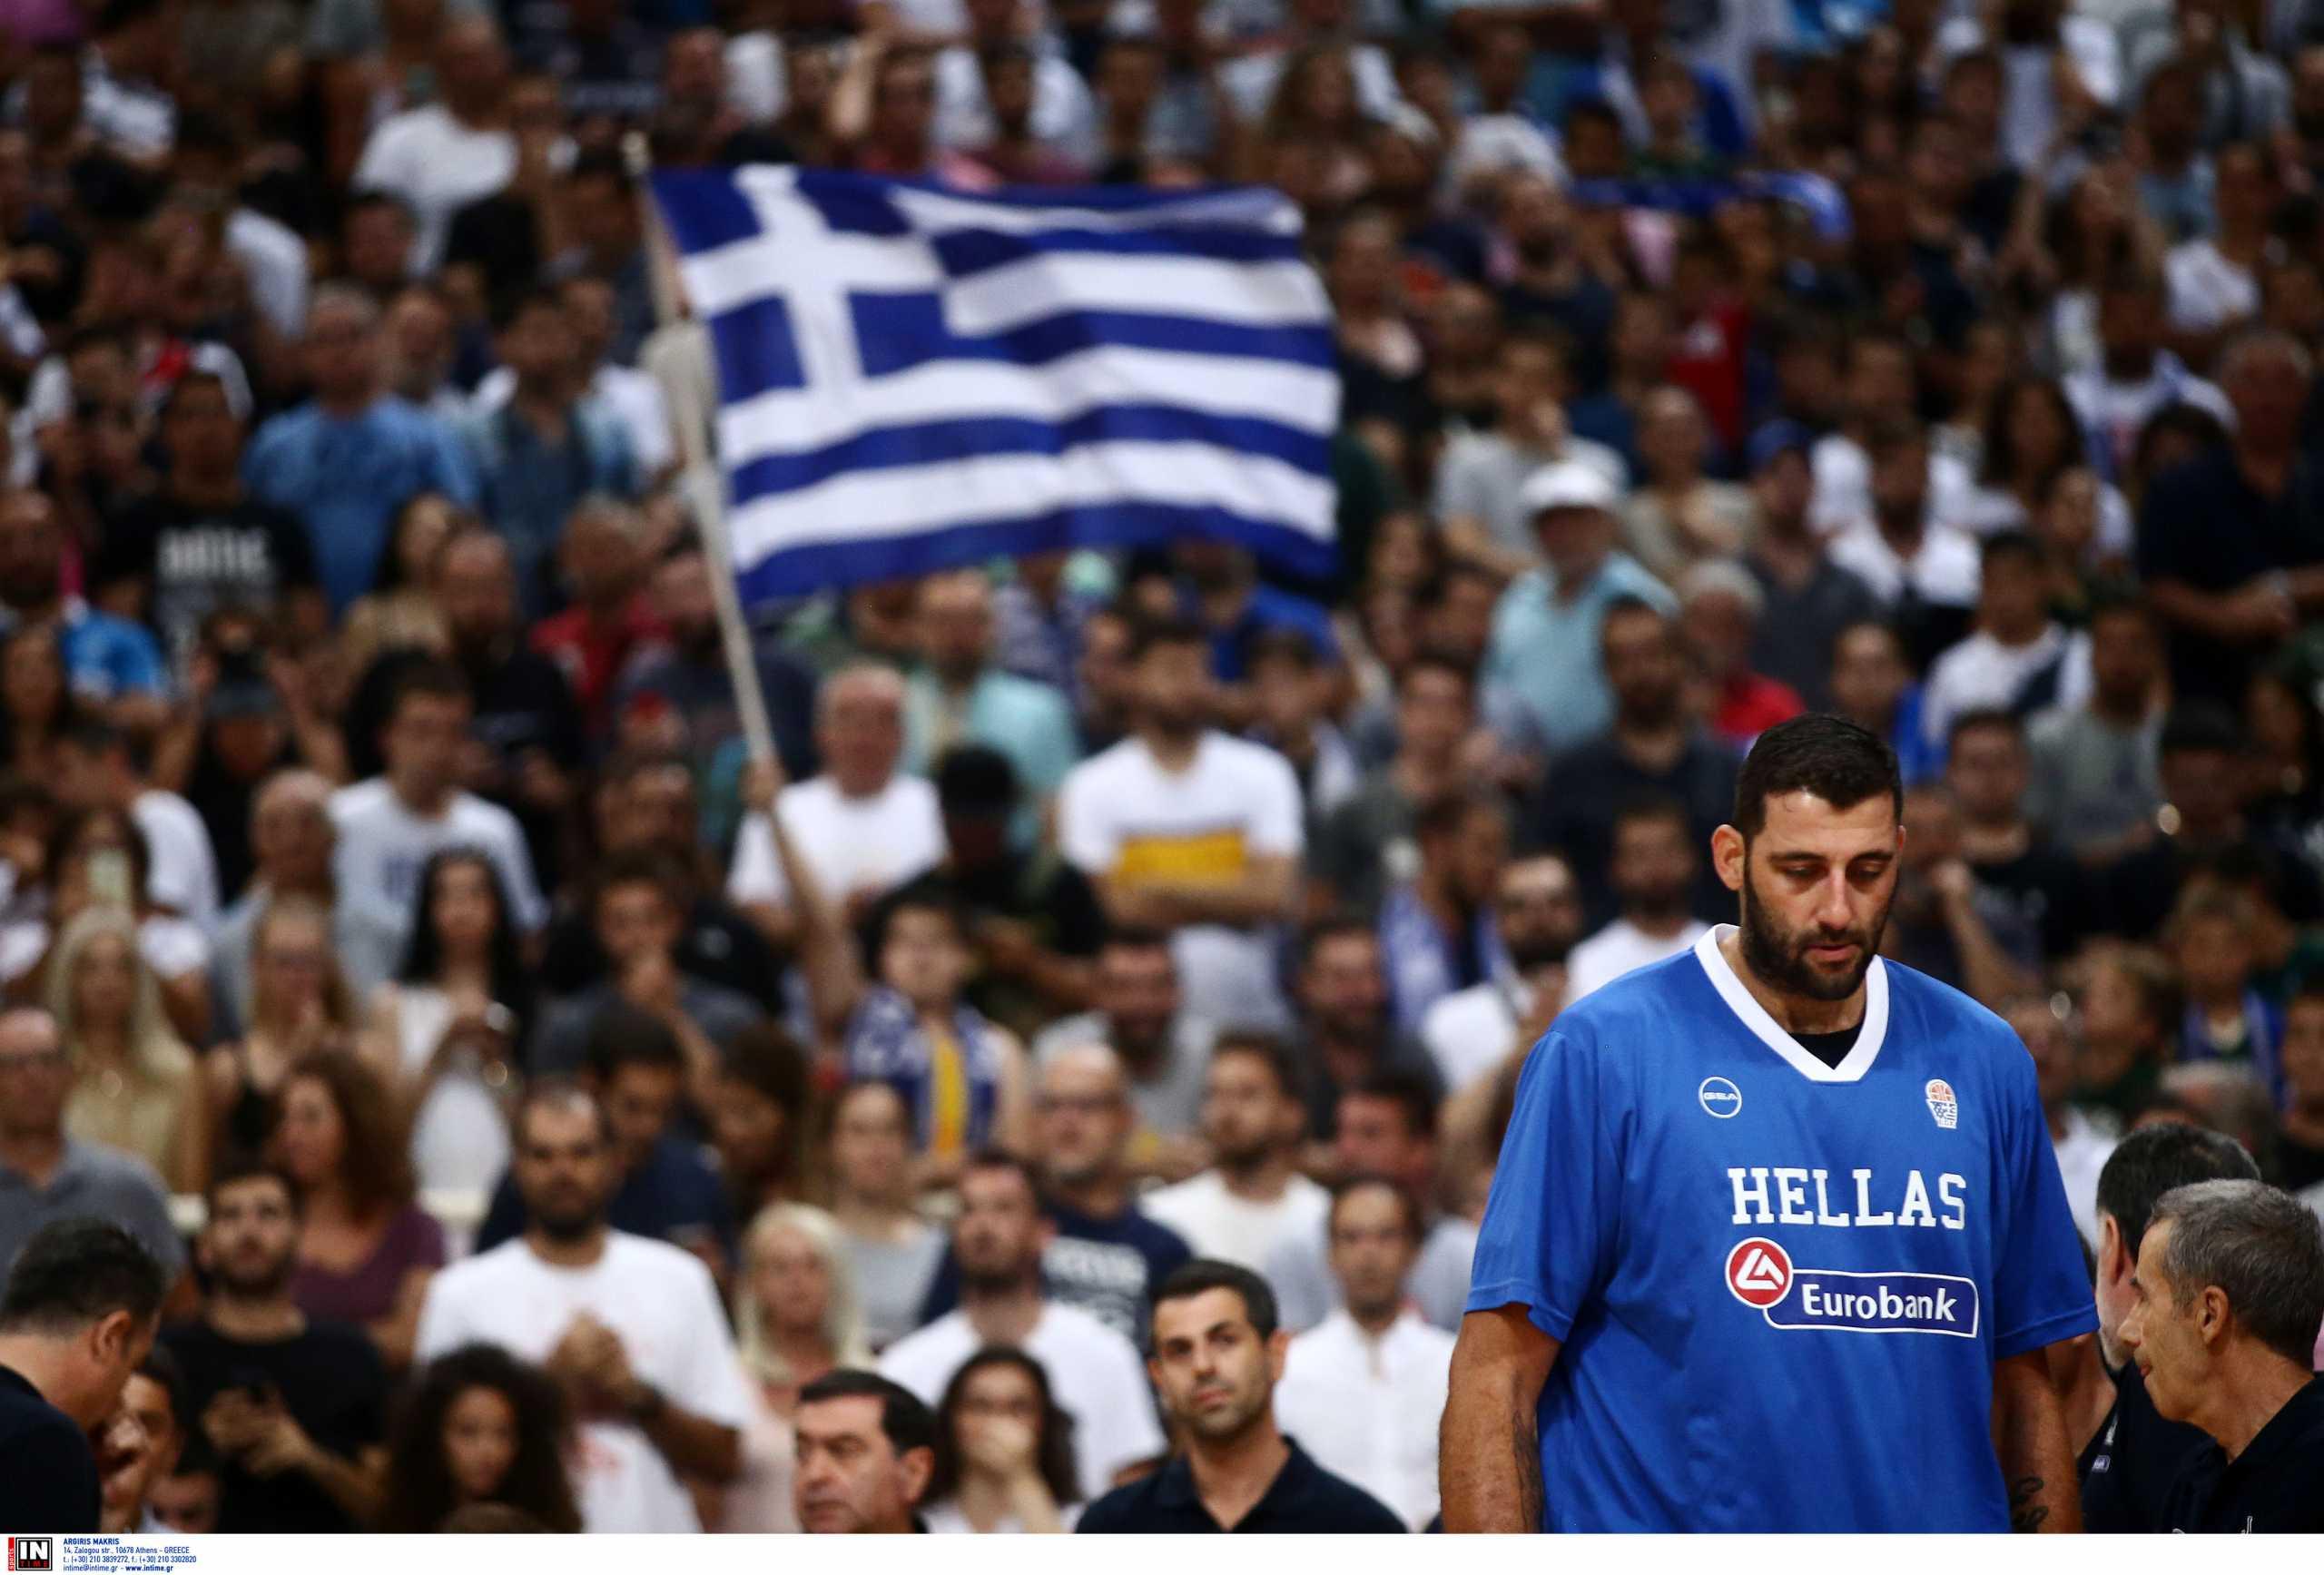 Τέλος εποχής και για Μπουρούση: Ανακοίνωσε την απόσυρσή του από το μπάσκετ